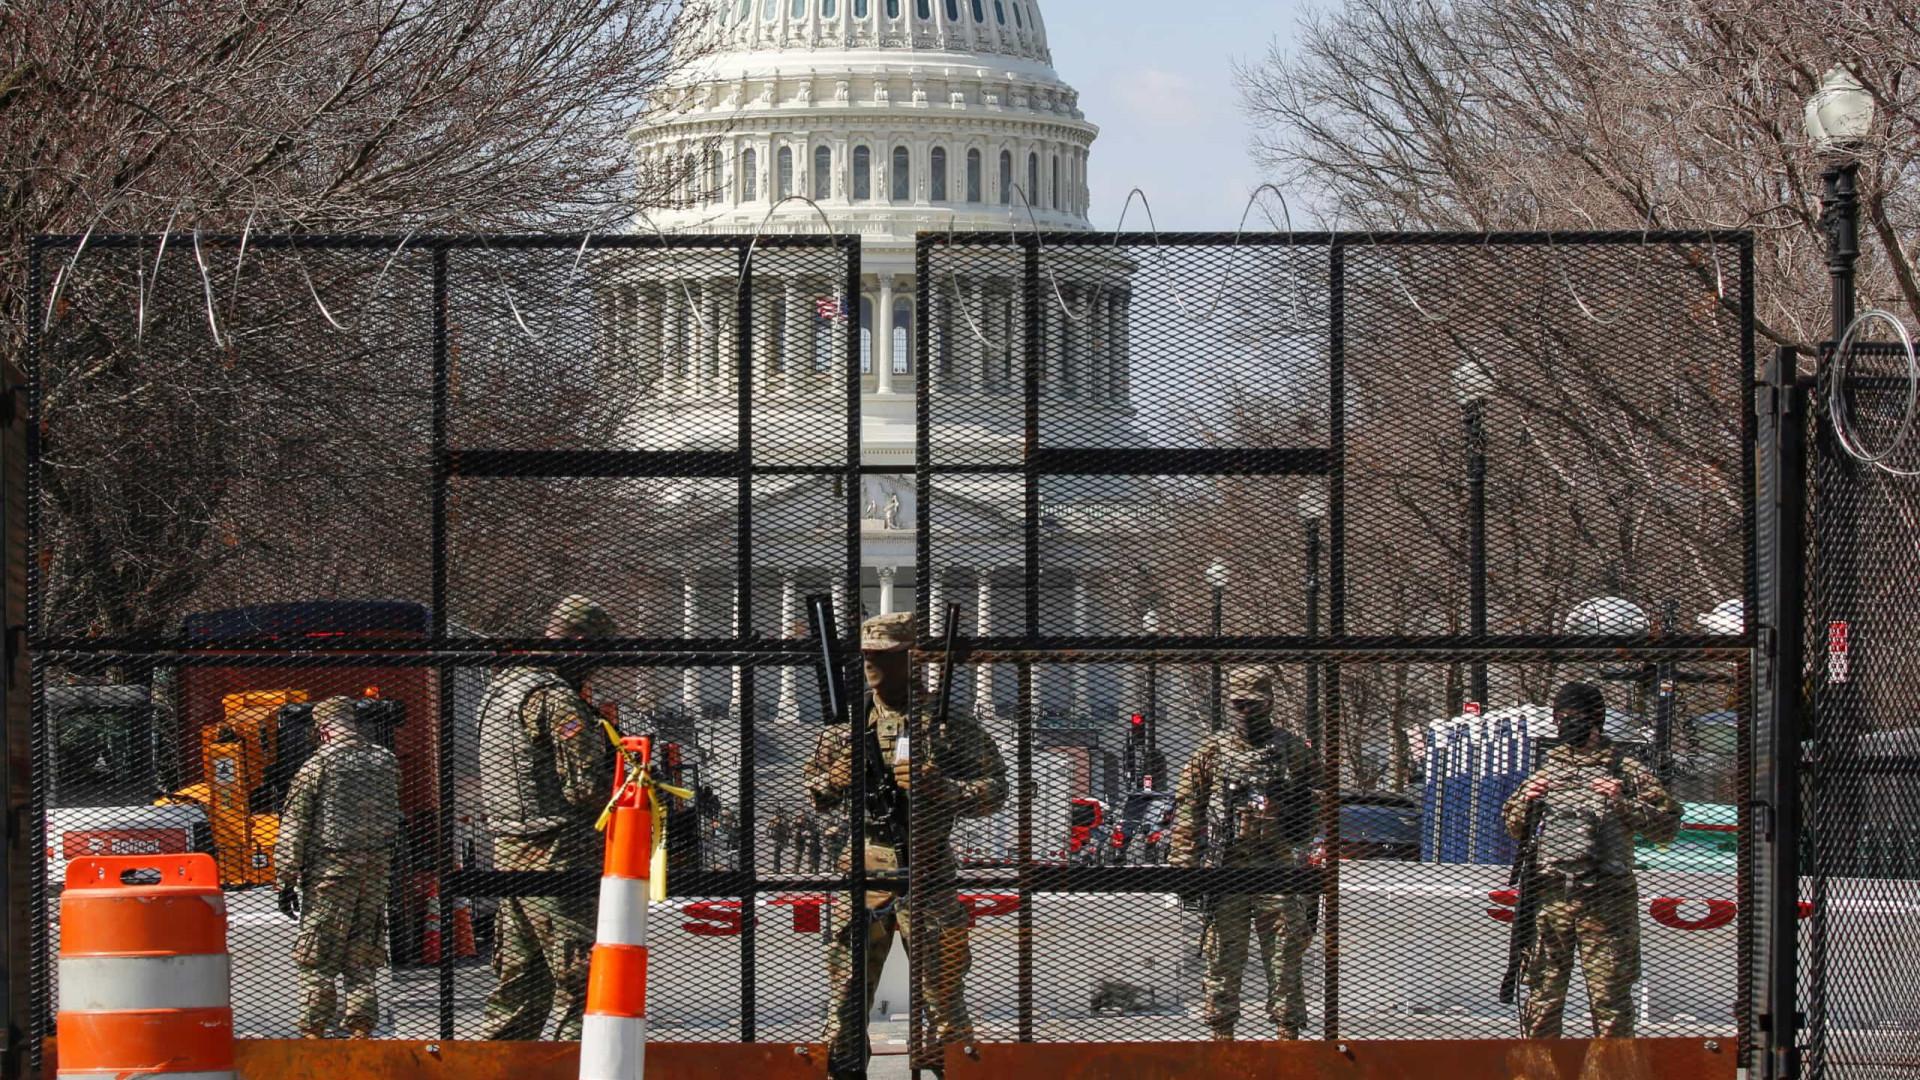 Câmara dos Representantes dos EUA vai ter portas blindadas